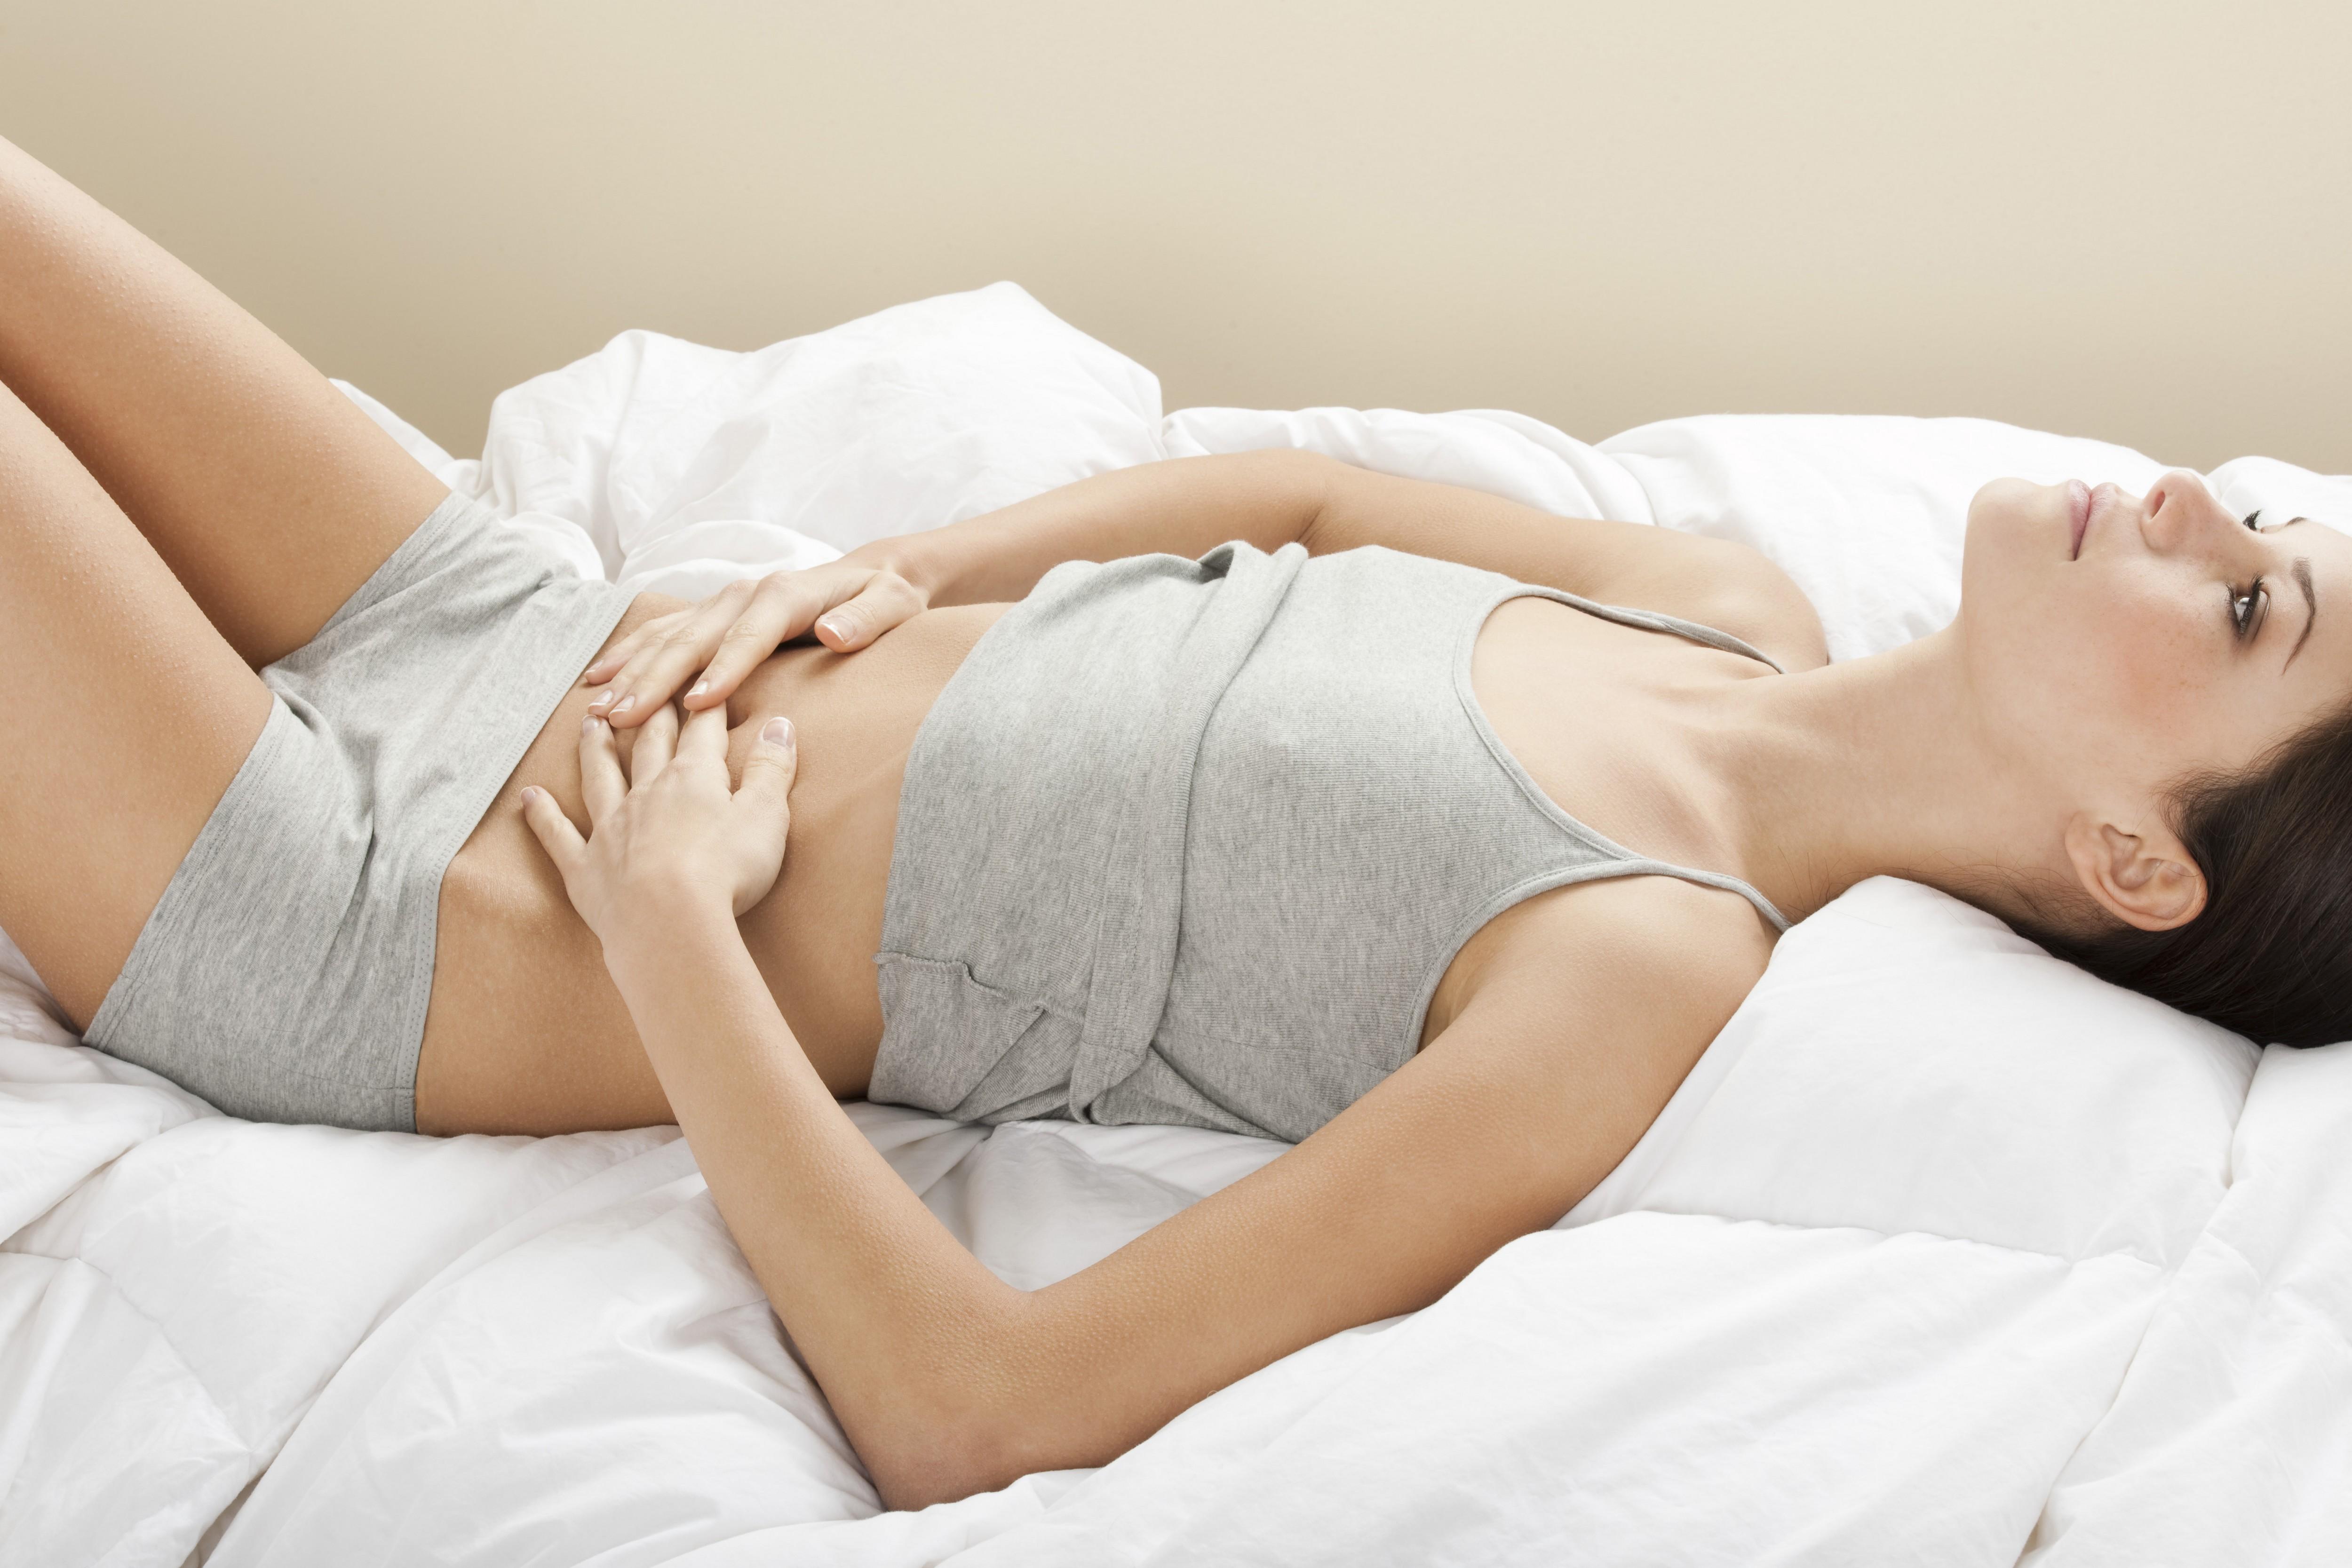 Происхождение женщин с высоко расположенной грудью 19 фотография